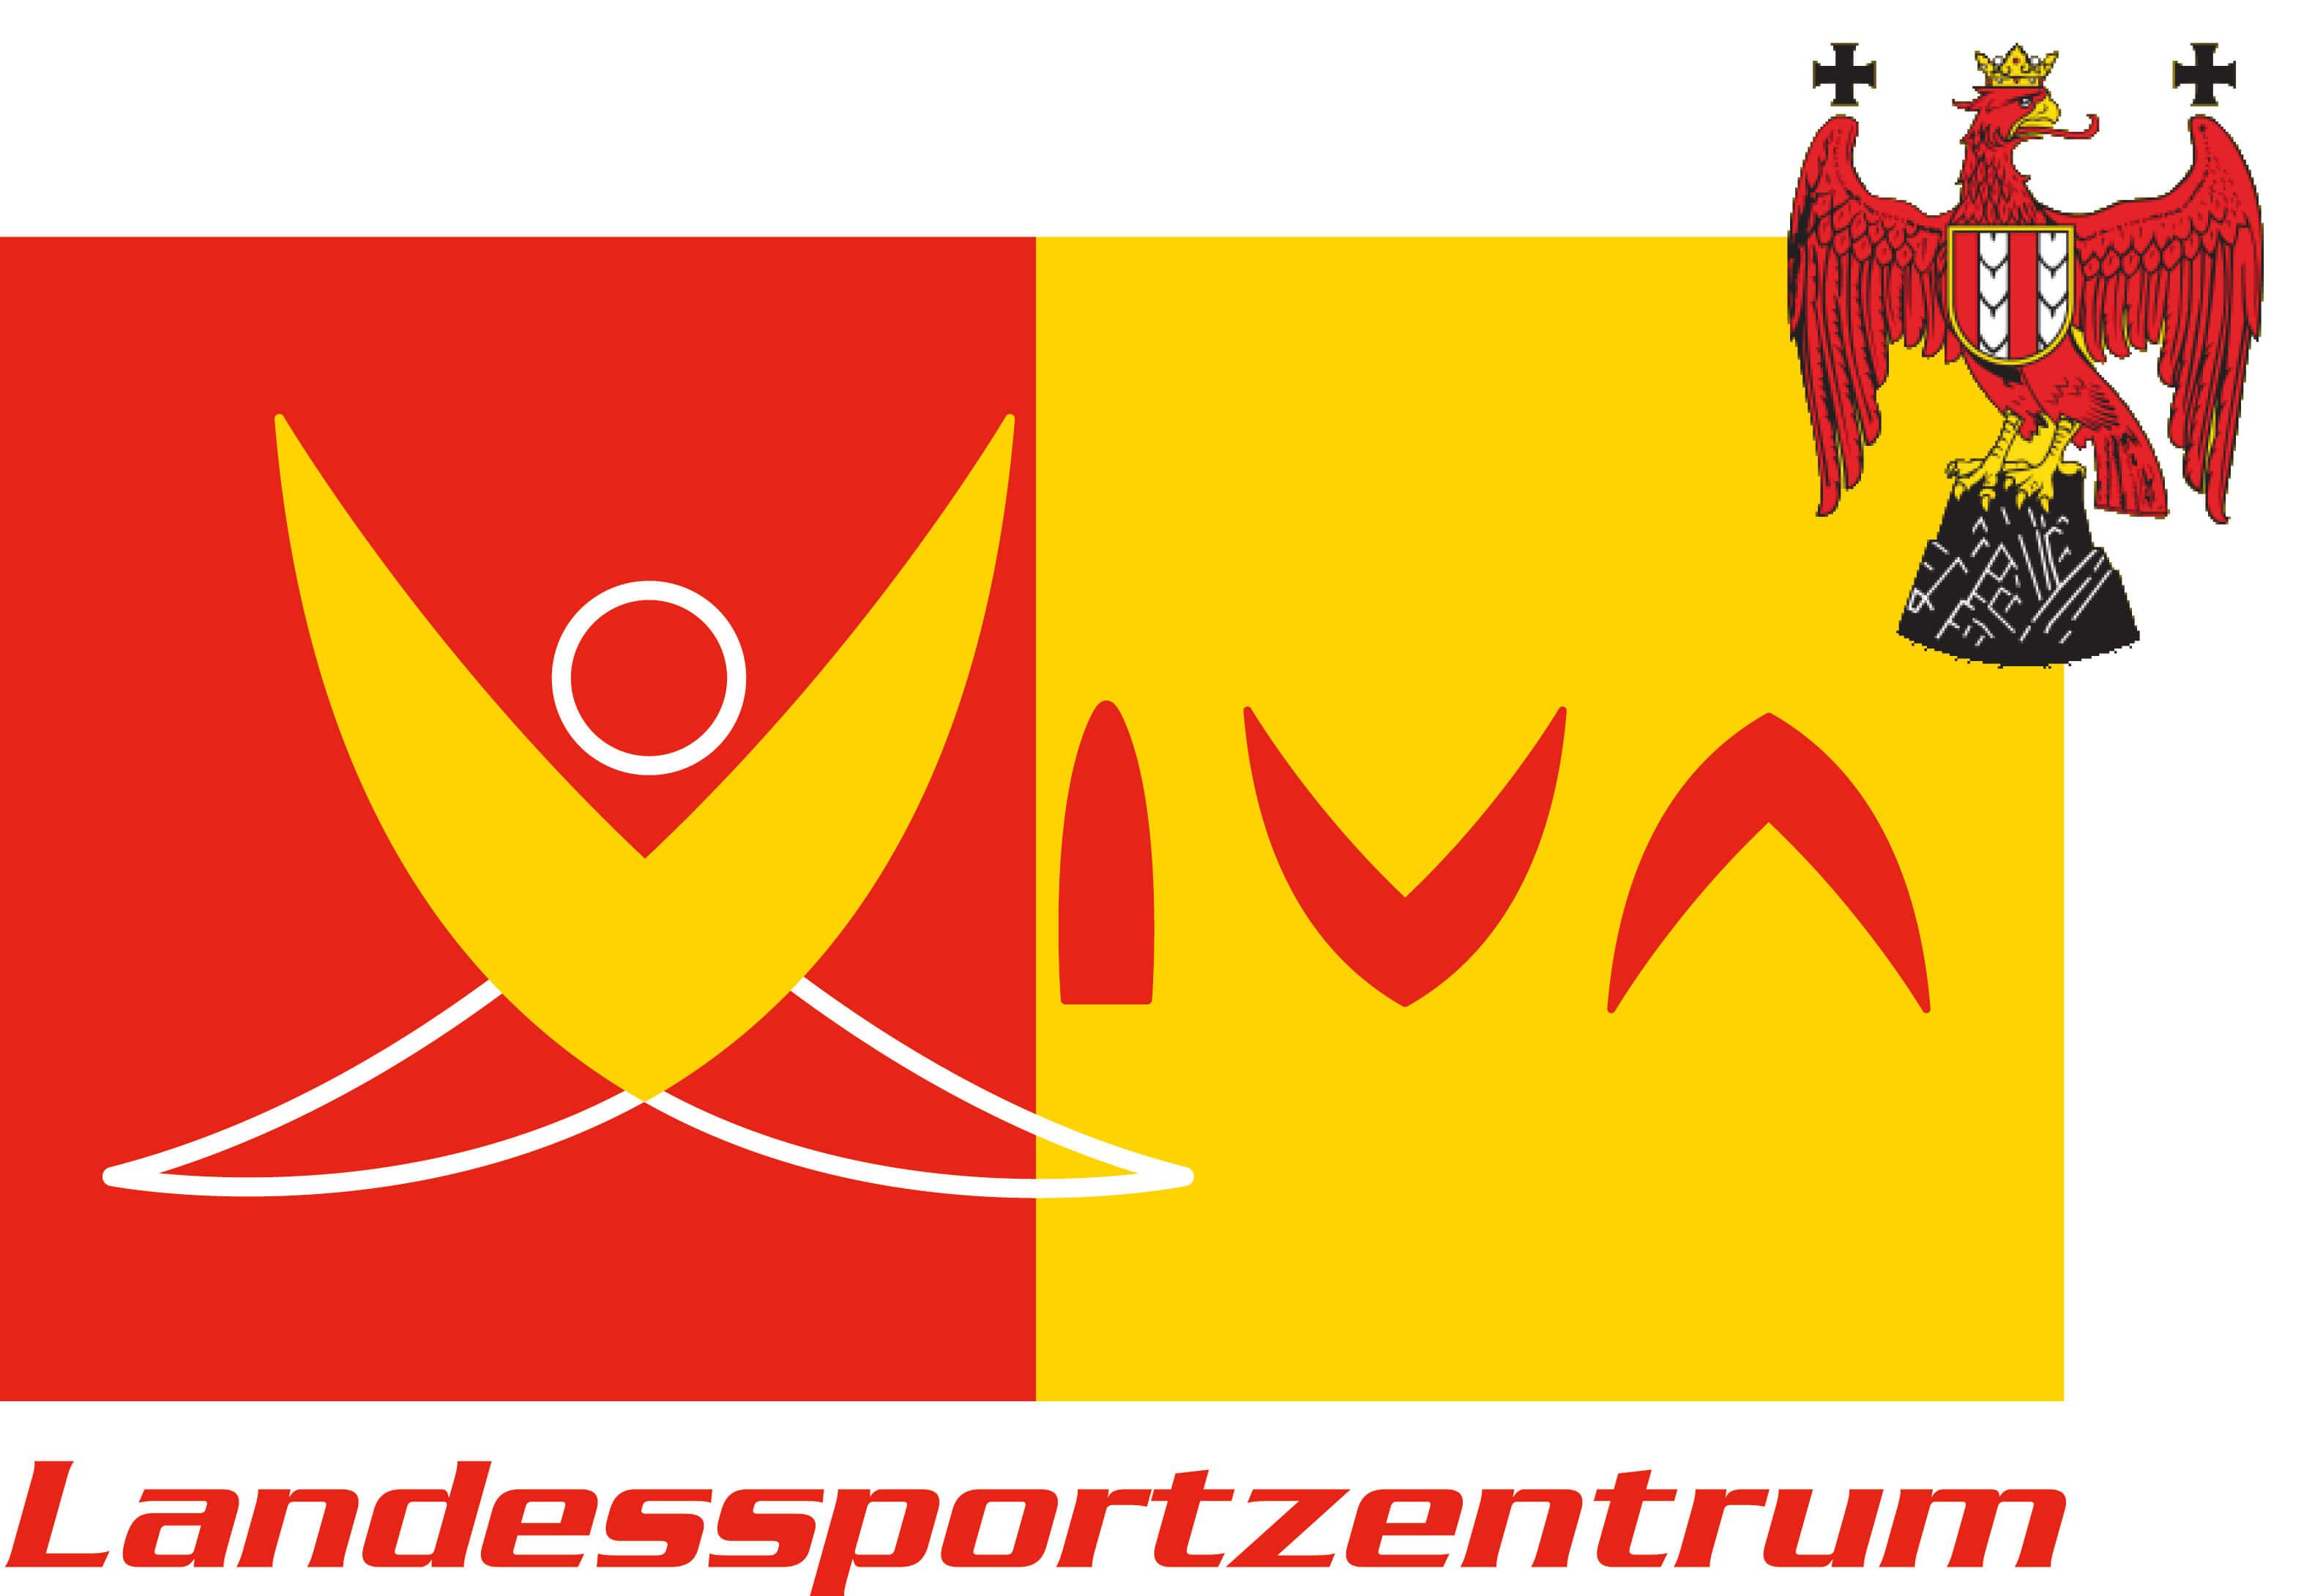 Viva Landessportzentrum Steinbrunn